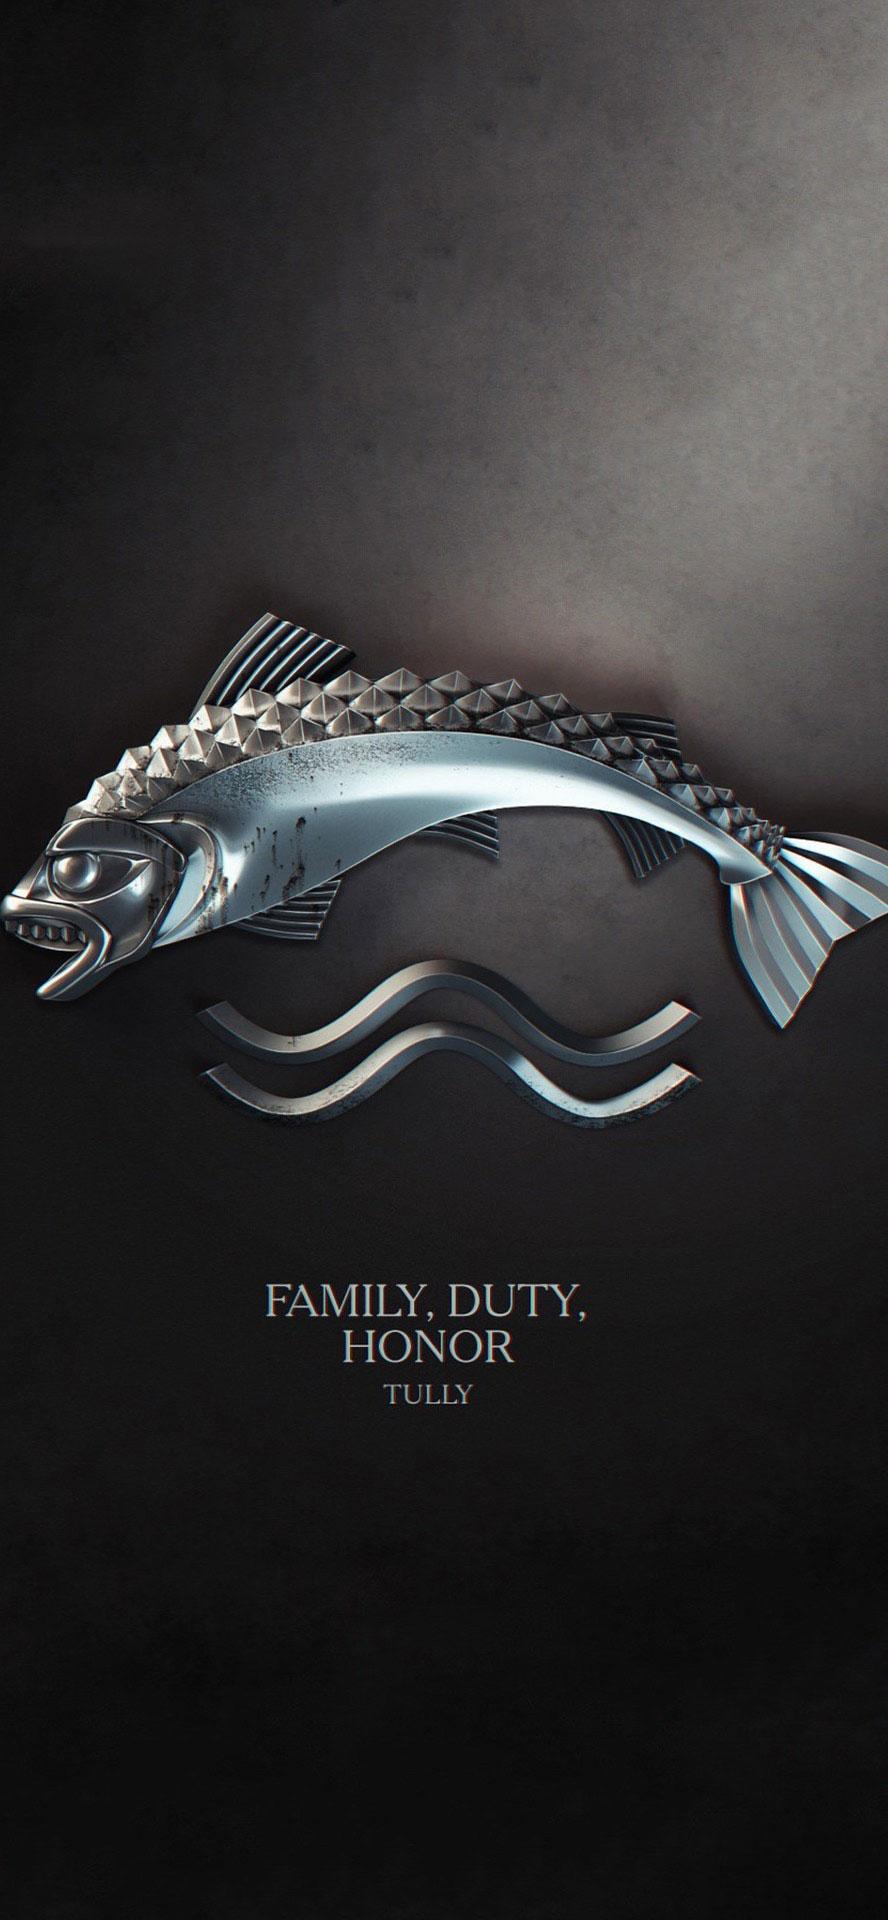 九大家族族语家徽 |「权力的游戏」iPhone 高清壁纸分享